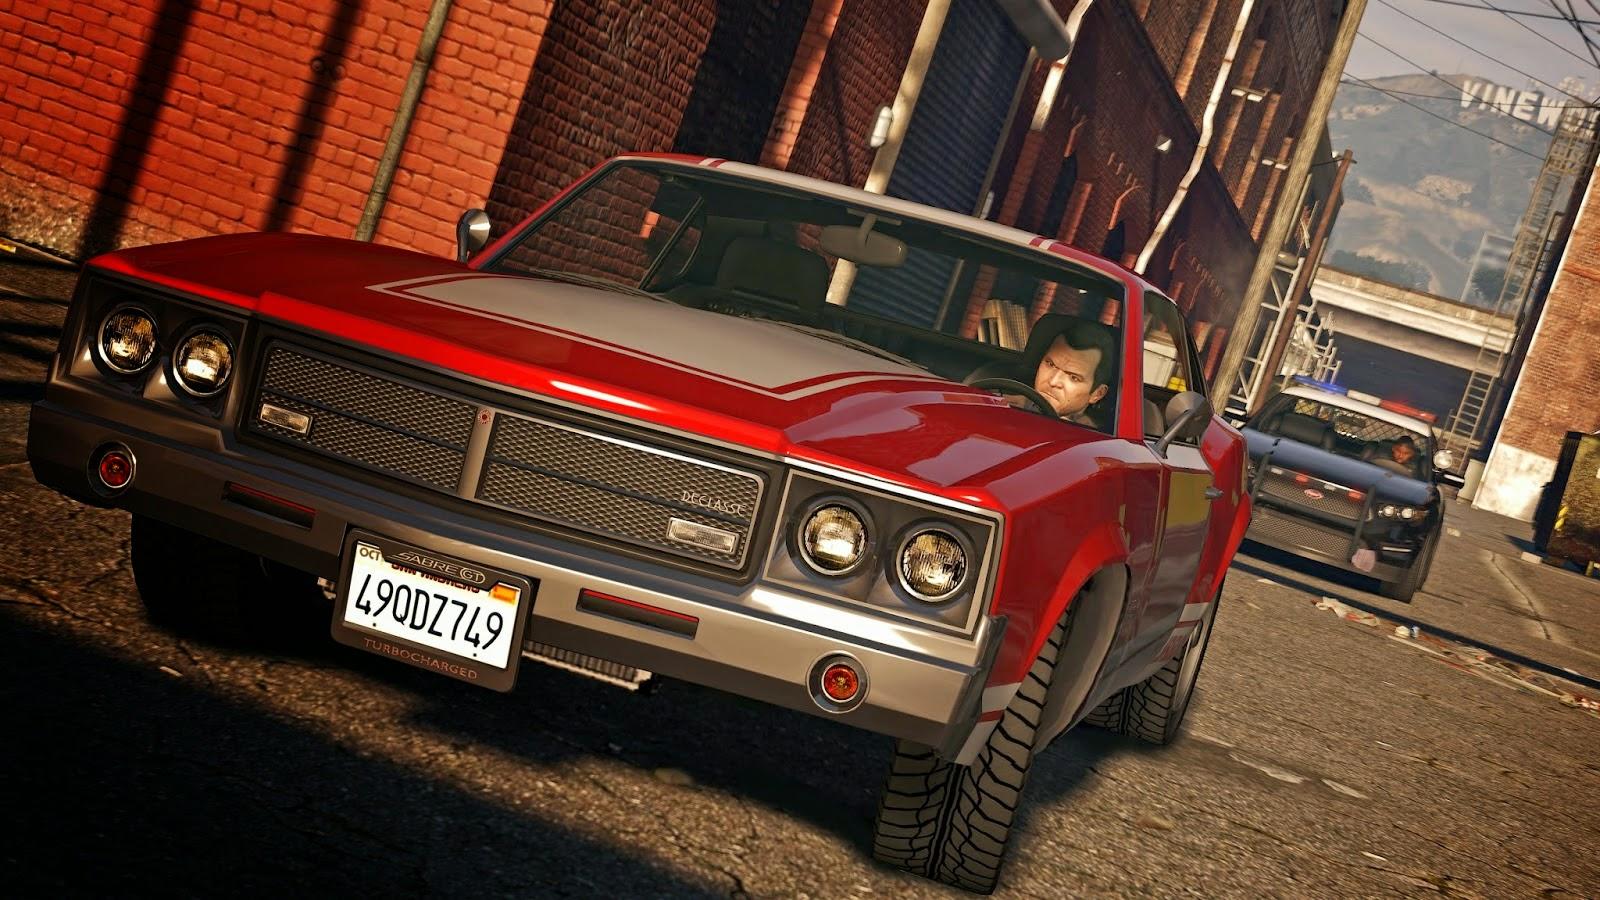 تحميل لعبة gta v pc 2015 للكمبيوتر مجانا - GTA 5